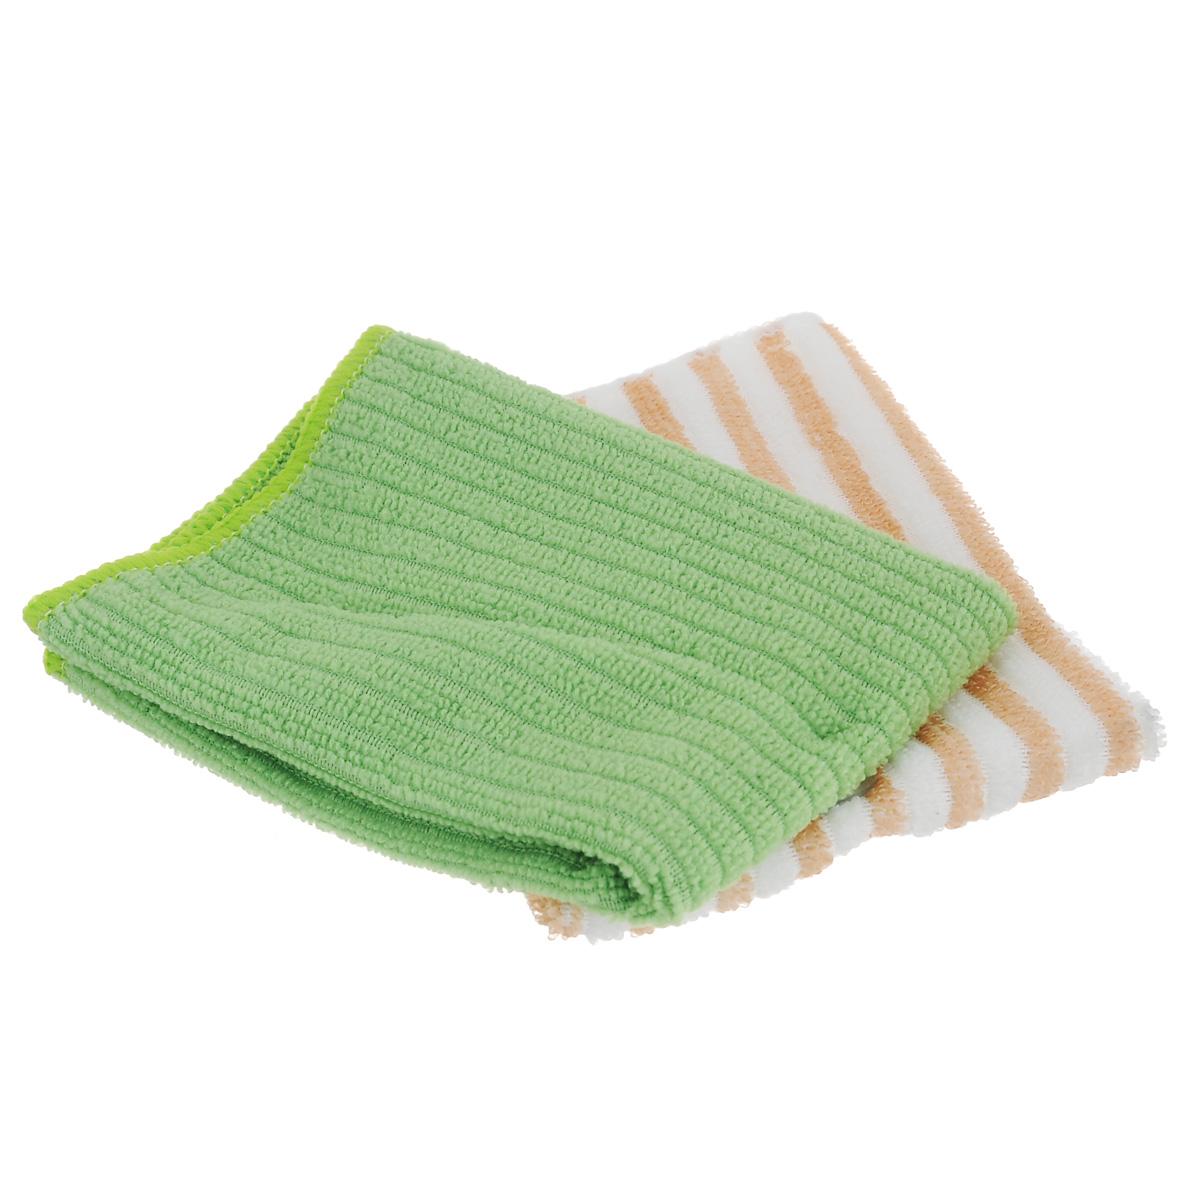 Салфетка из микрофибры Home Queen, цвет: зеленый, белый, 30 х 30 см, 2 шт салфетка sonax для салона и стекла цвет зеленый 2 шт